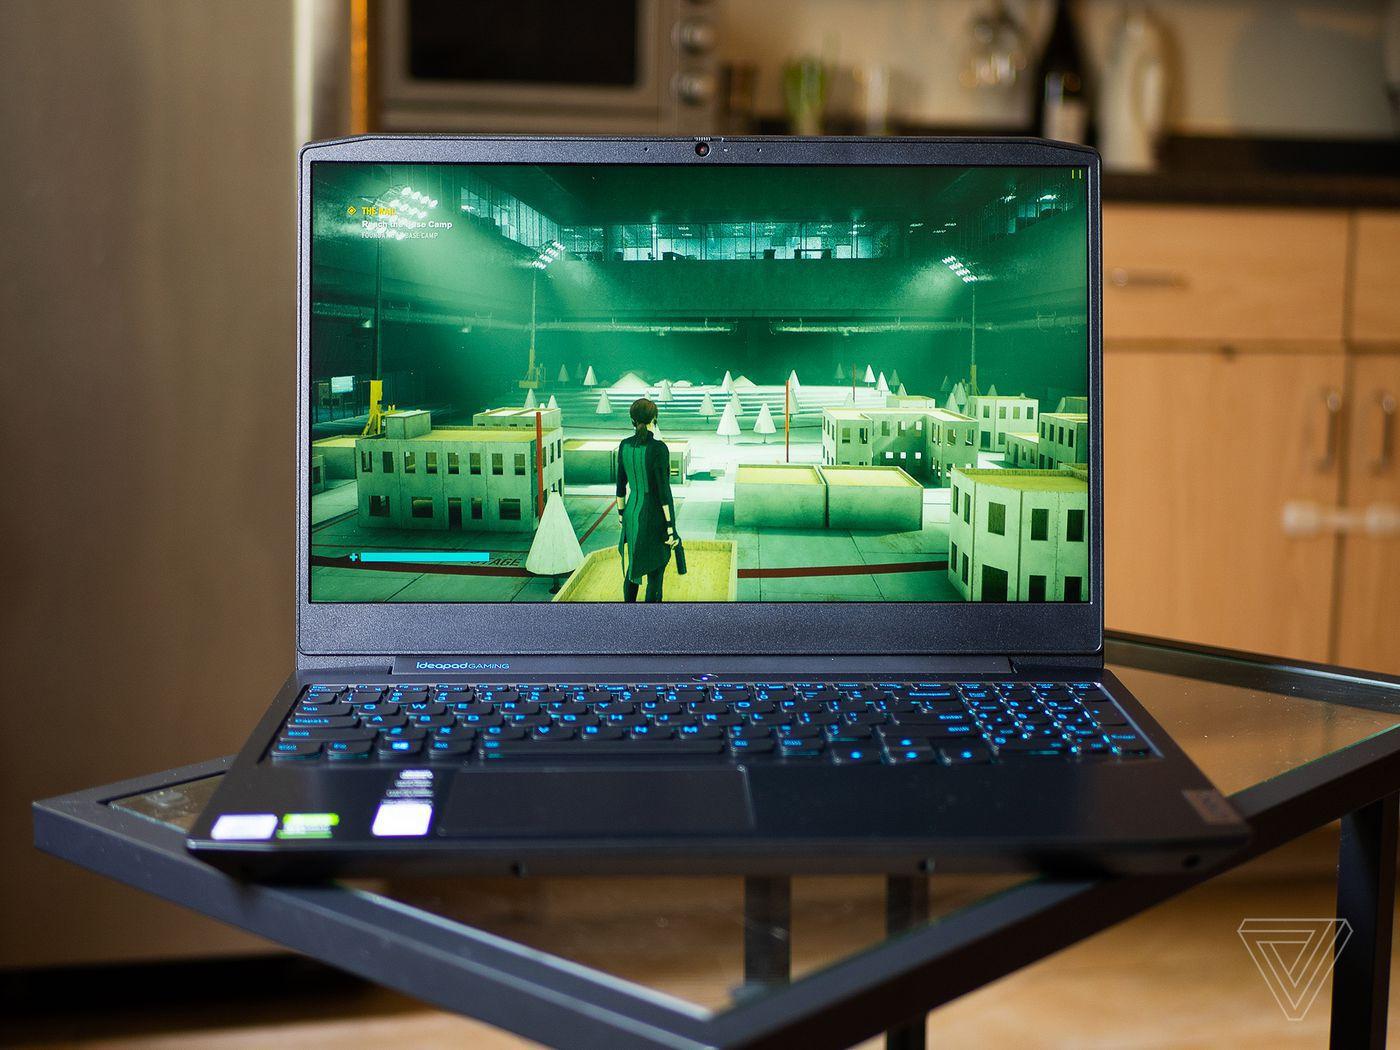 Giảm đến 5 triệu khi mua laptop Back To School tại Thế Giới Di Động - Ảnh 4.